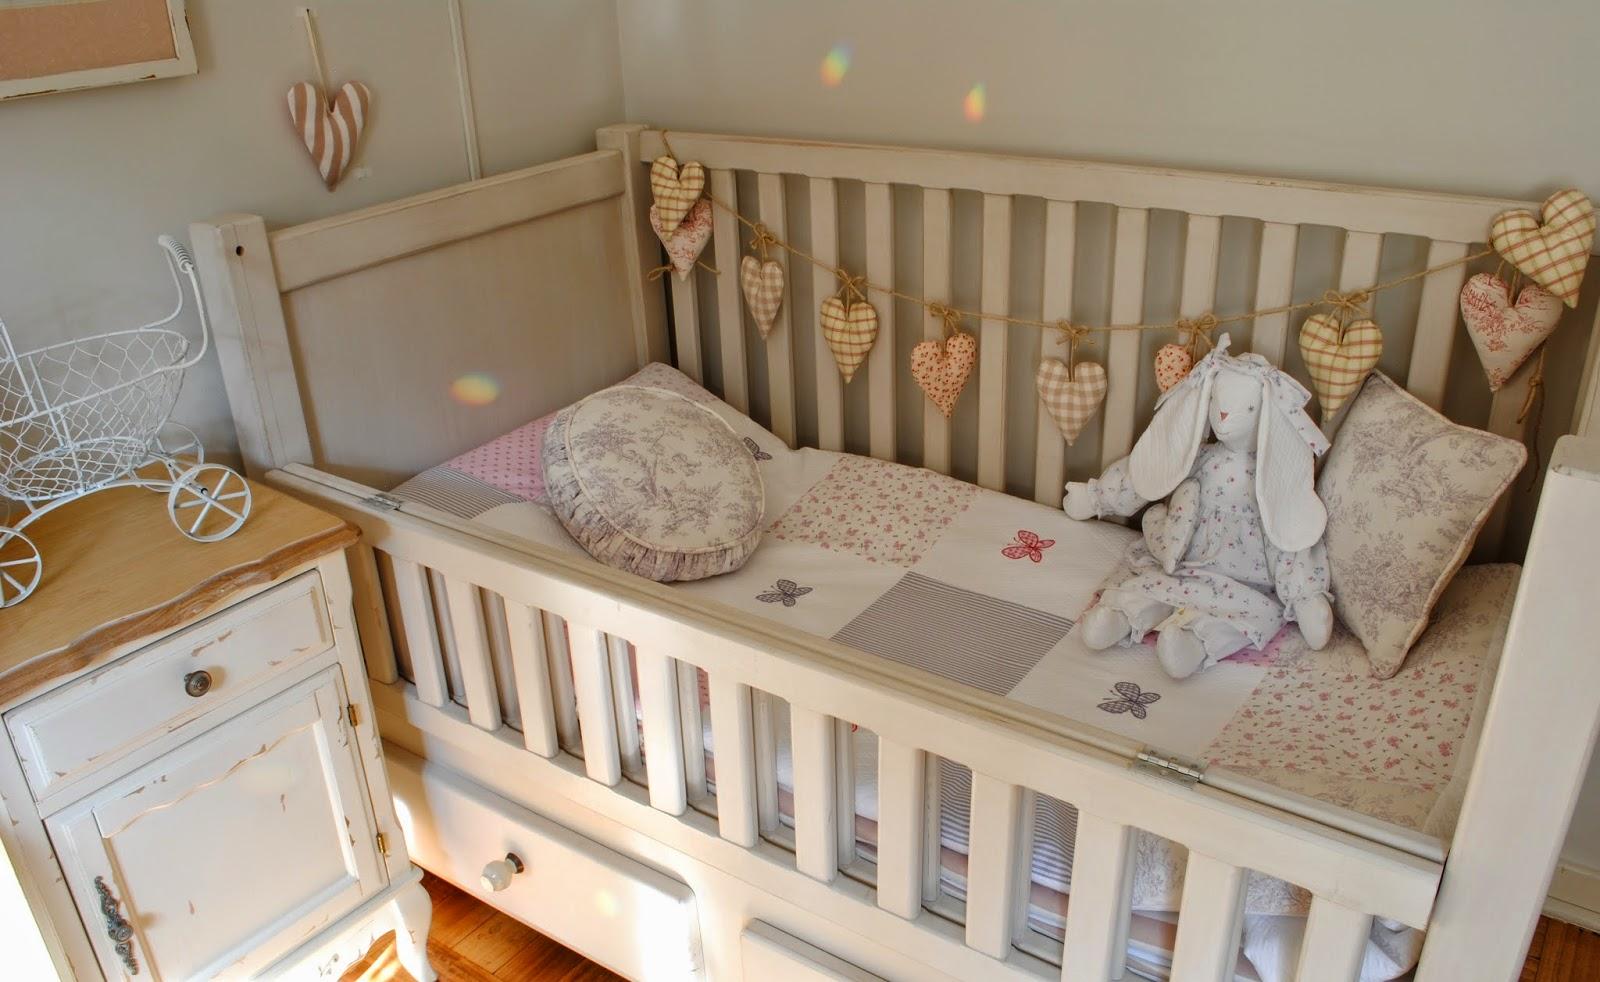 cunas de madera para el bebe